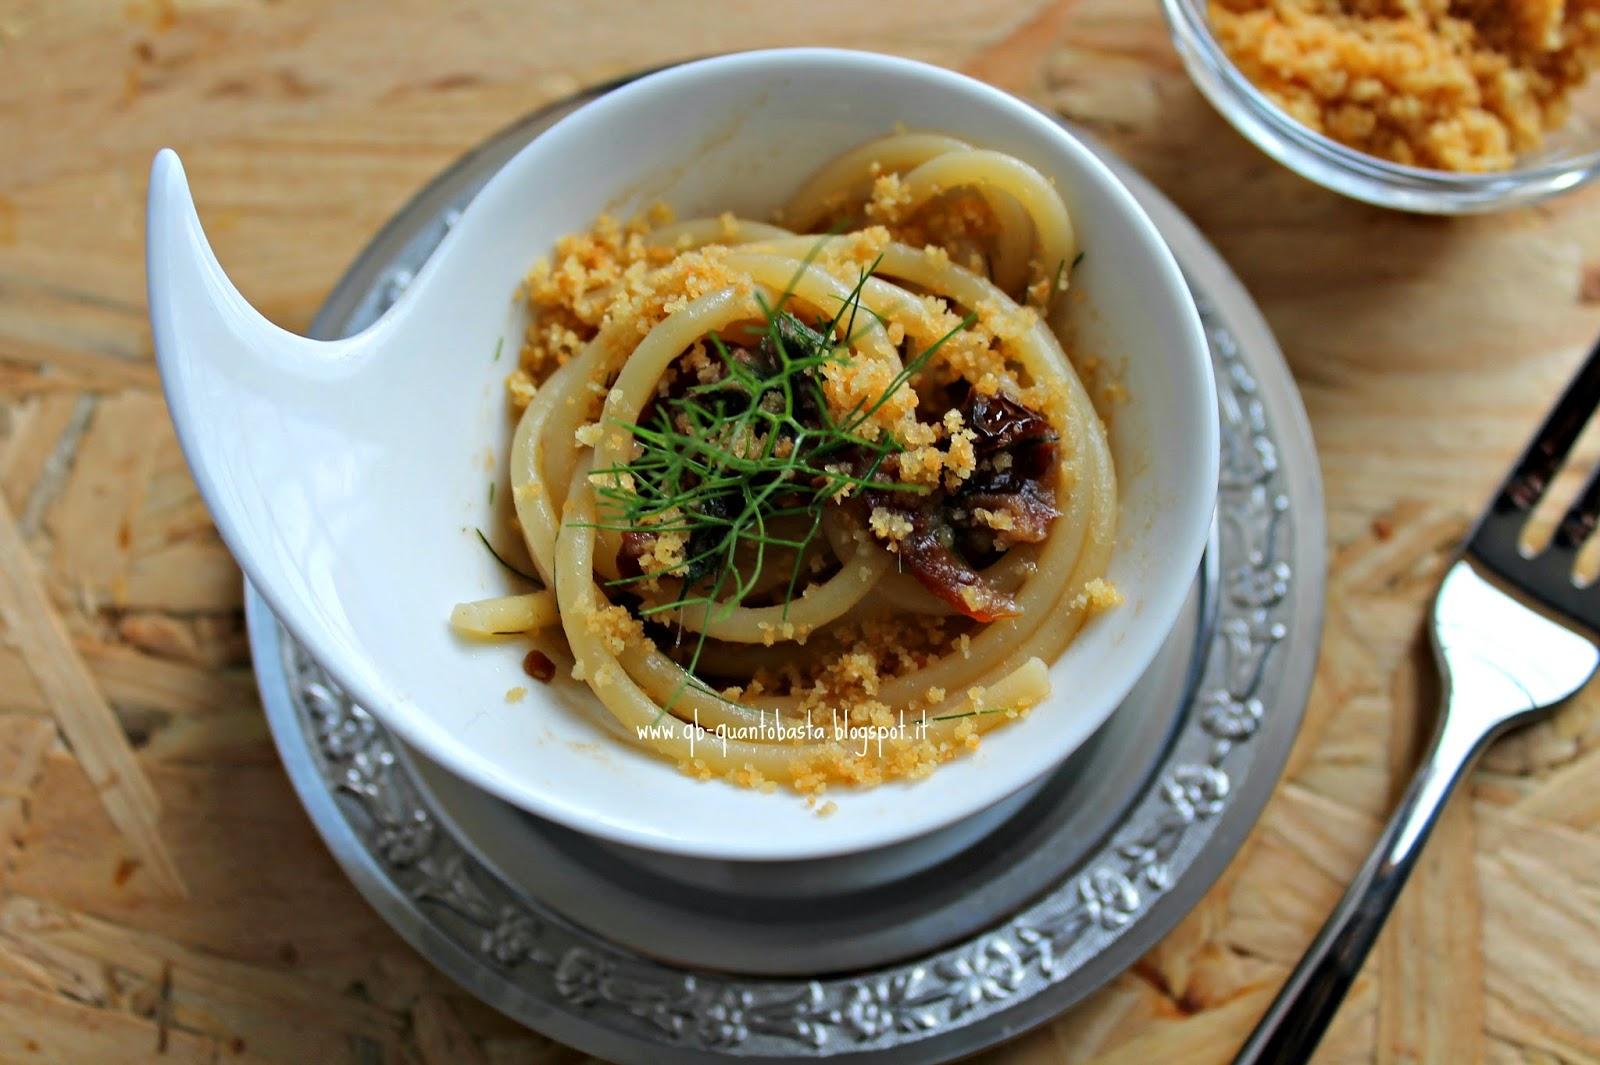 Q.b.-Quanto Basta: Spaghetti al profumo di alici e finocchietto con briciole croccanti